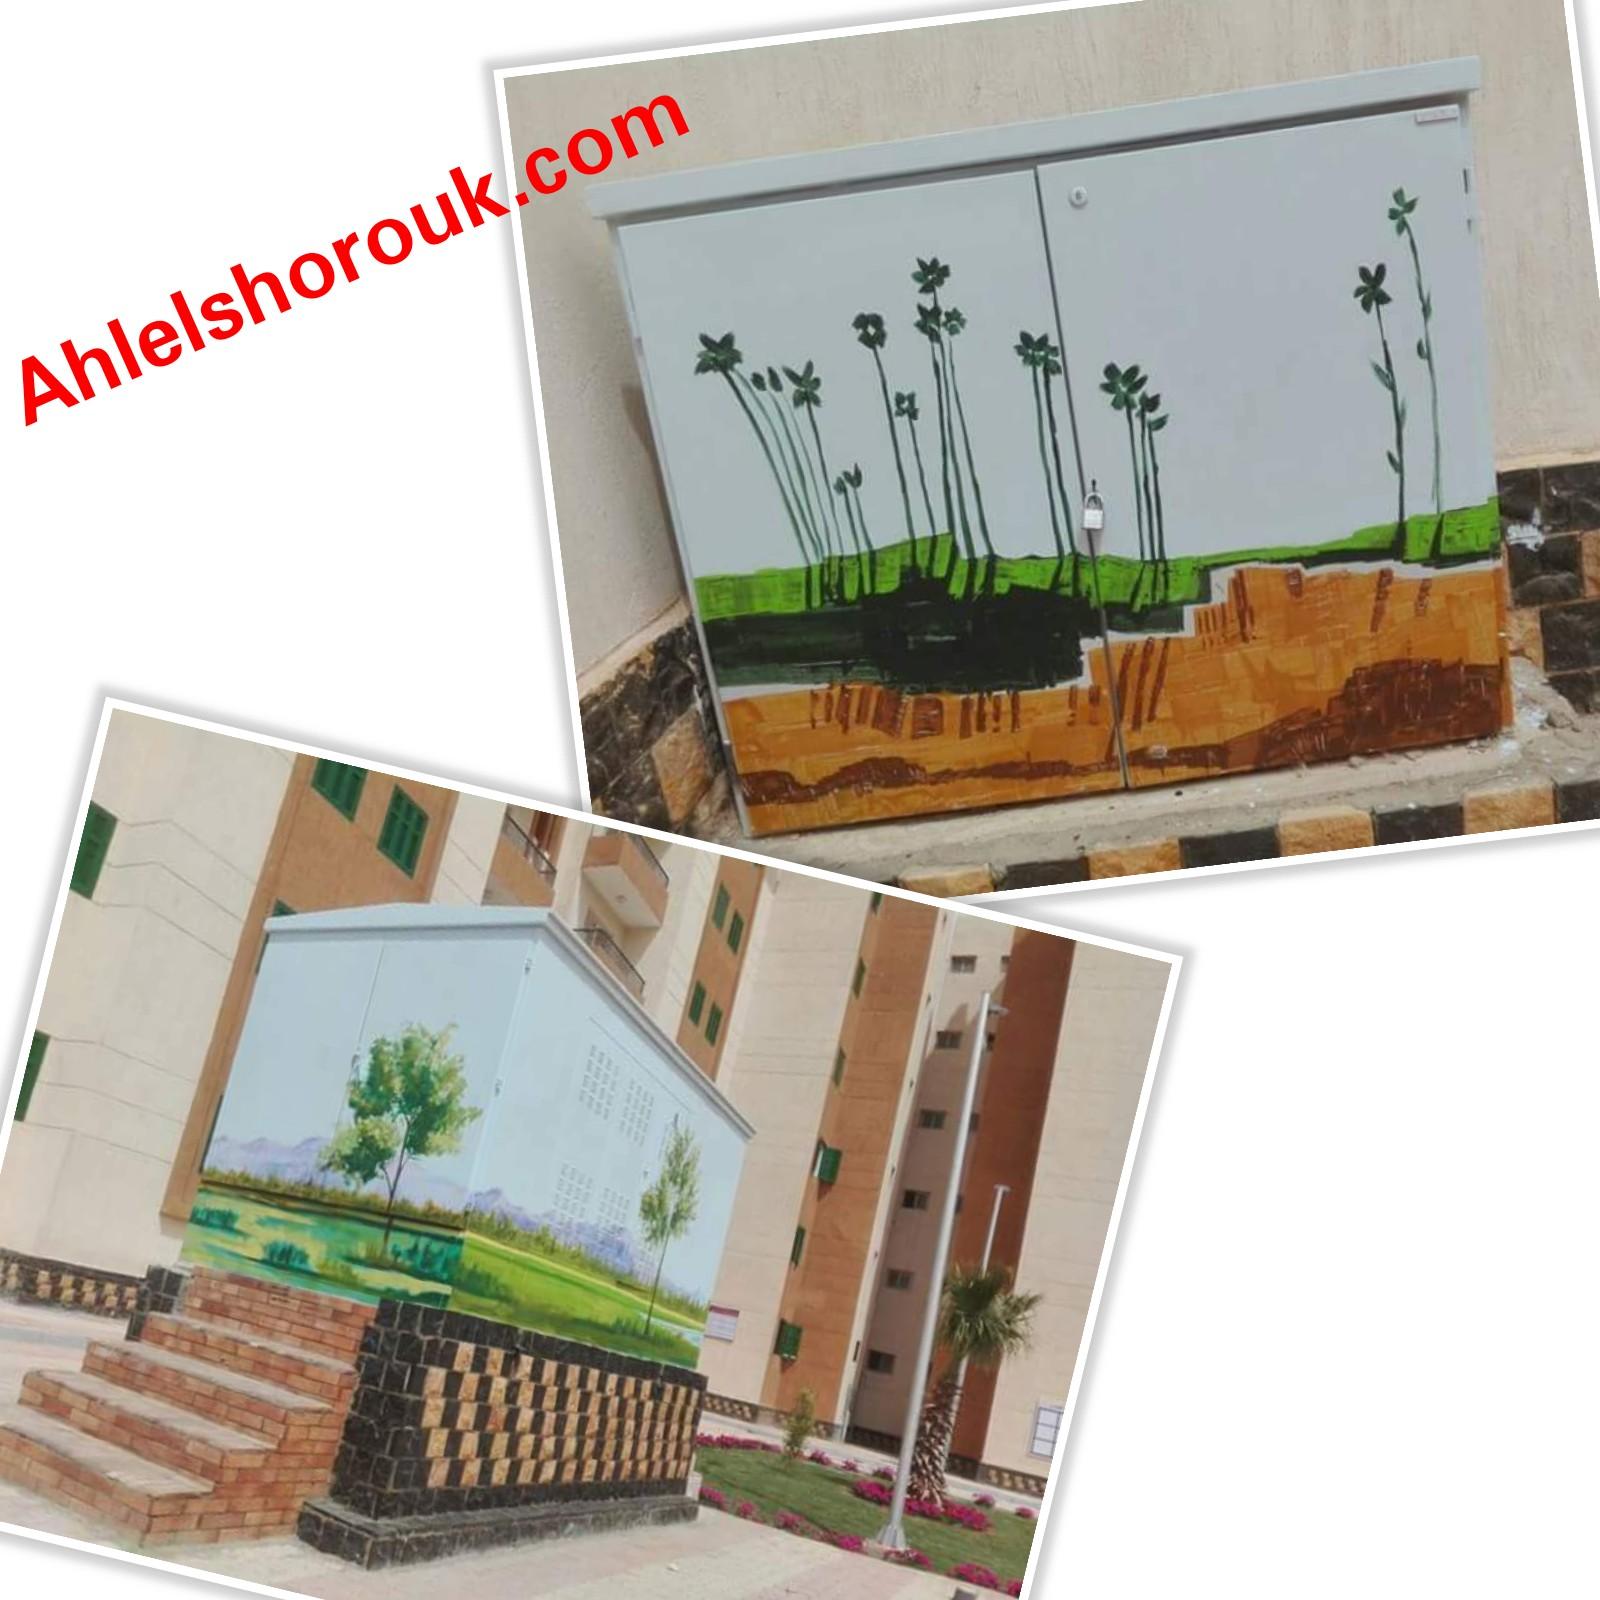 الإسكان   تجميل أكشاك الكهرباء بـ دار مصر  و الإسكان الاجتماعي  بمدينة الشروق وتحويلها للوحات فنية